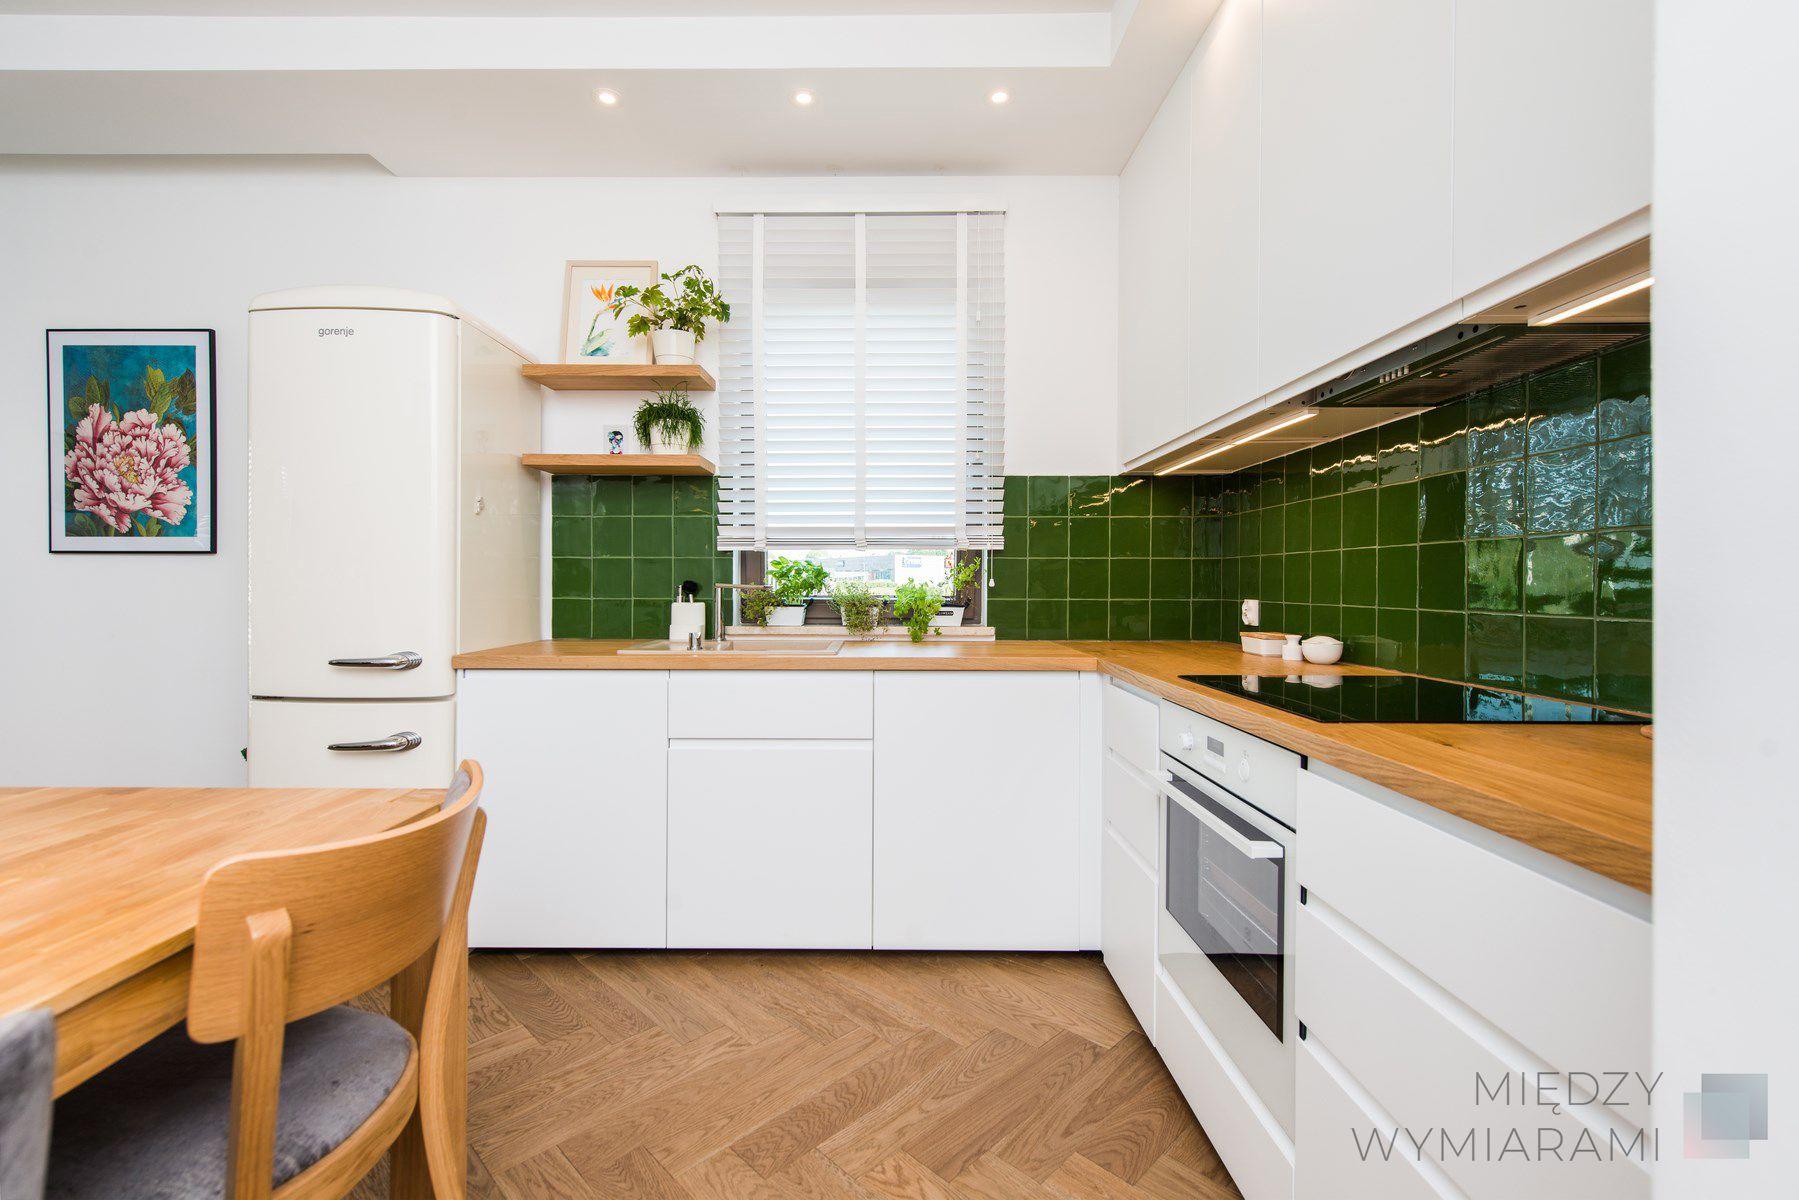 Mieszkanie W Stylu Scandi Boho Miedzy Wymiarami Kitchen Kitchen Cabinets Home Decor